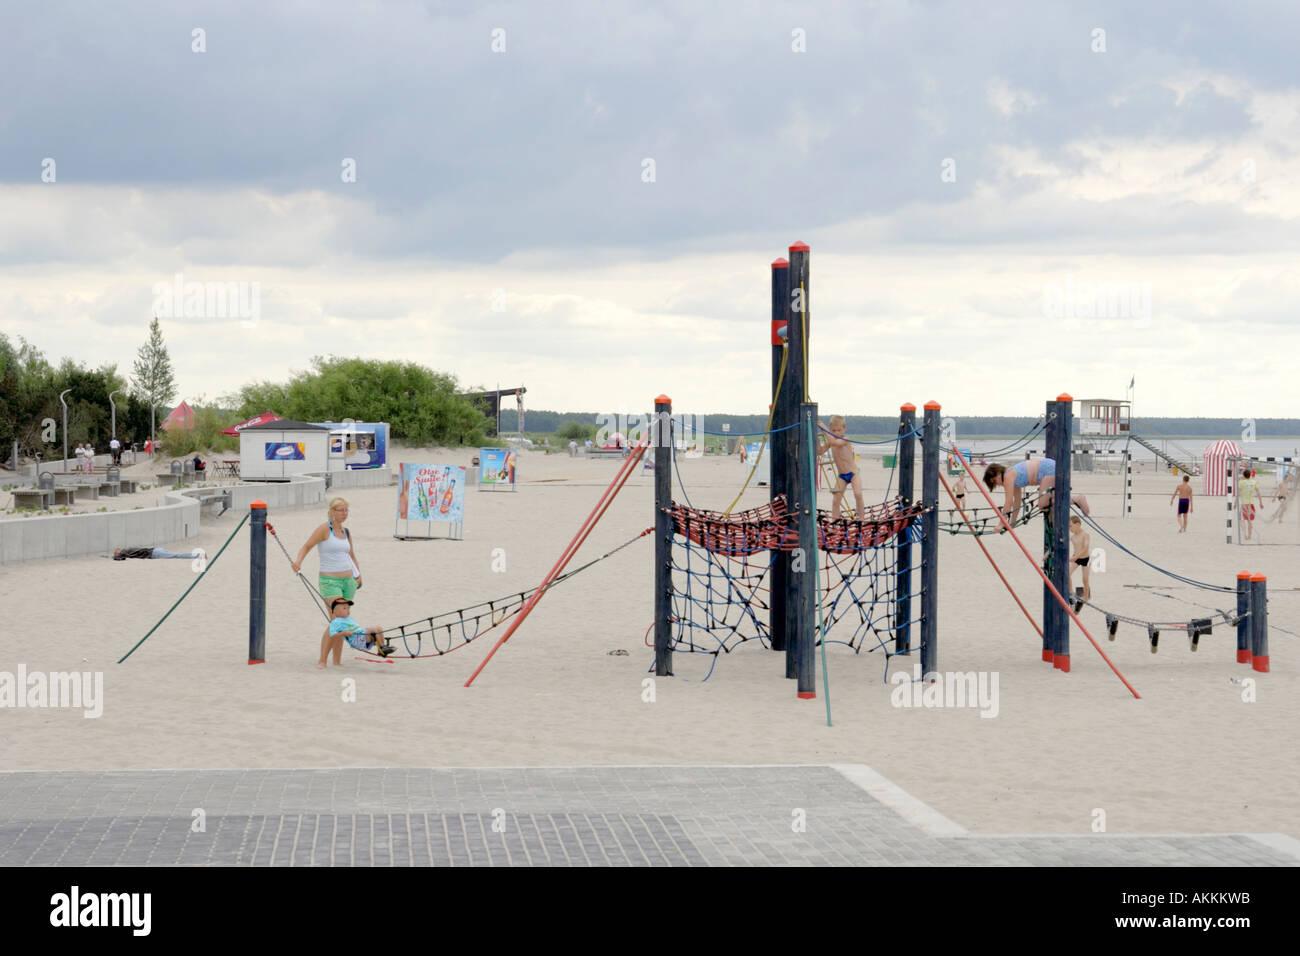 Klettergerüst Russisch : Parnu strand estland kinder spielplatz mit klettergerüst am